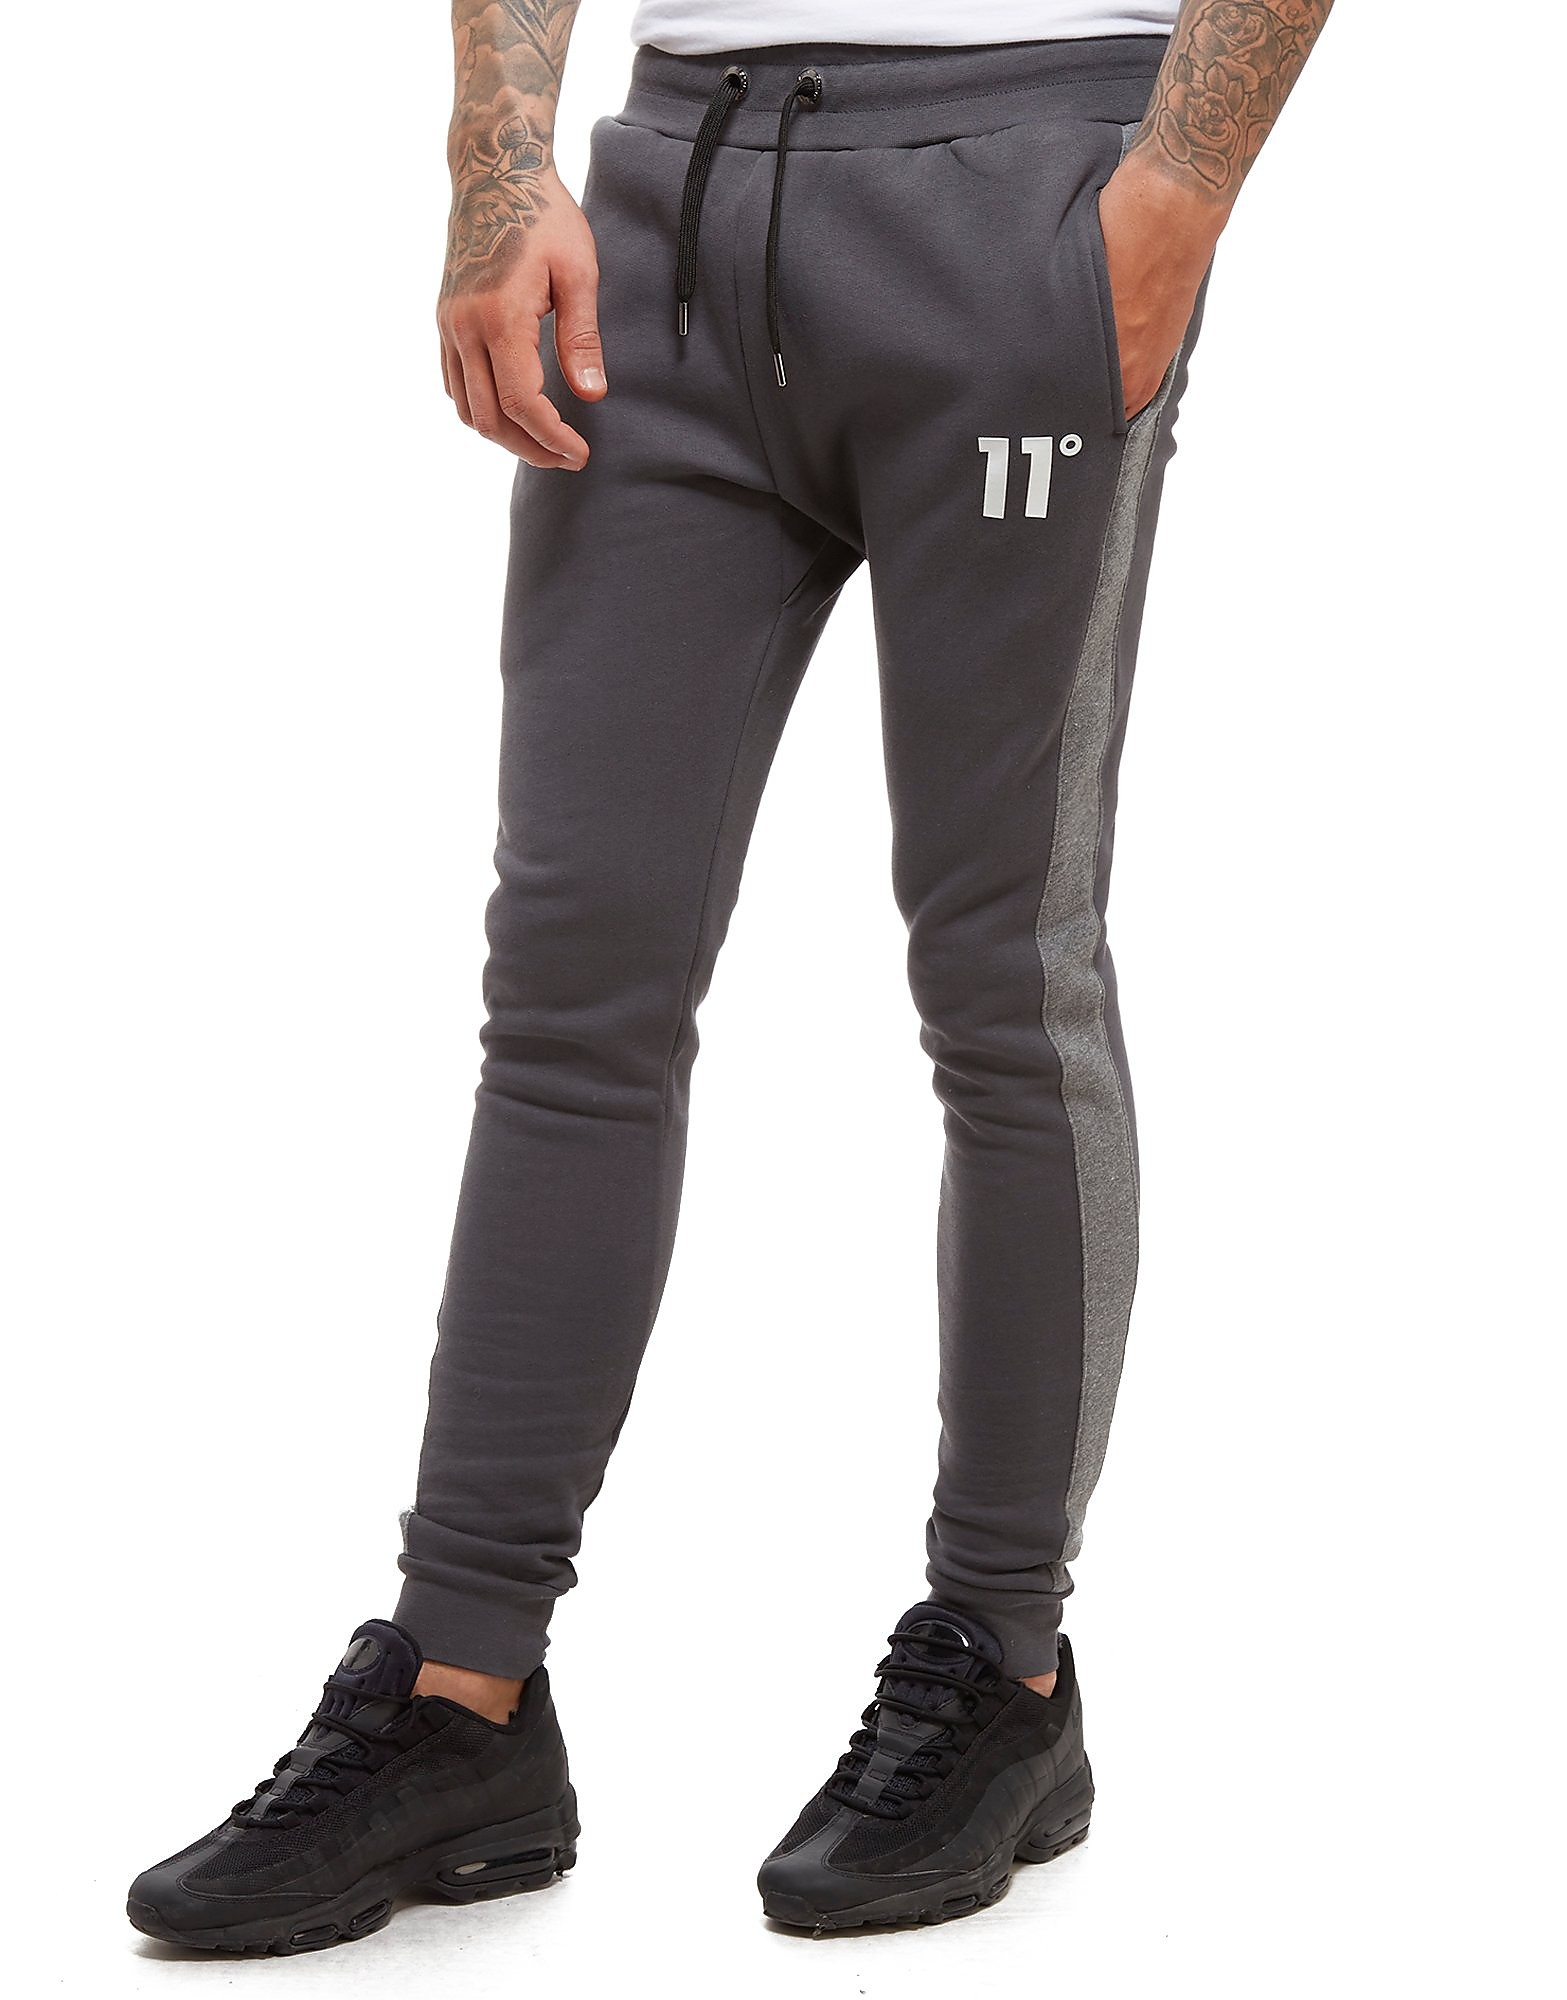 11 Degrees Fleece Pants - gris, gris